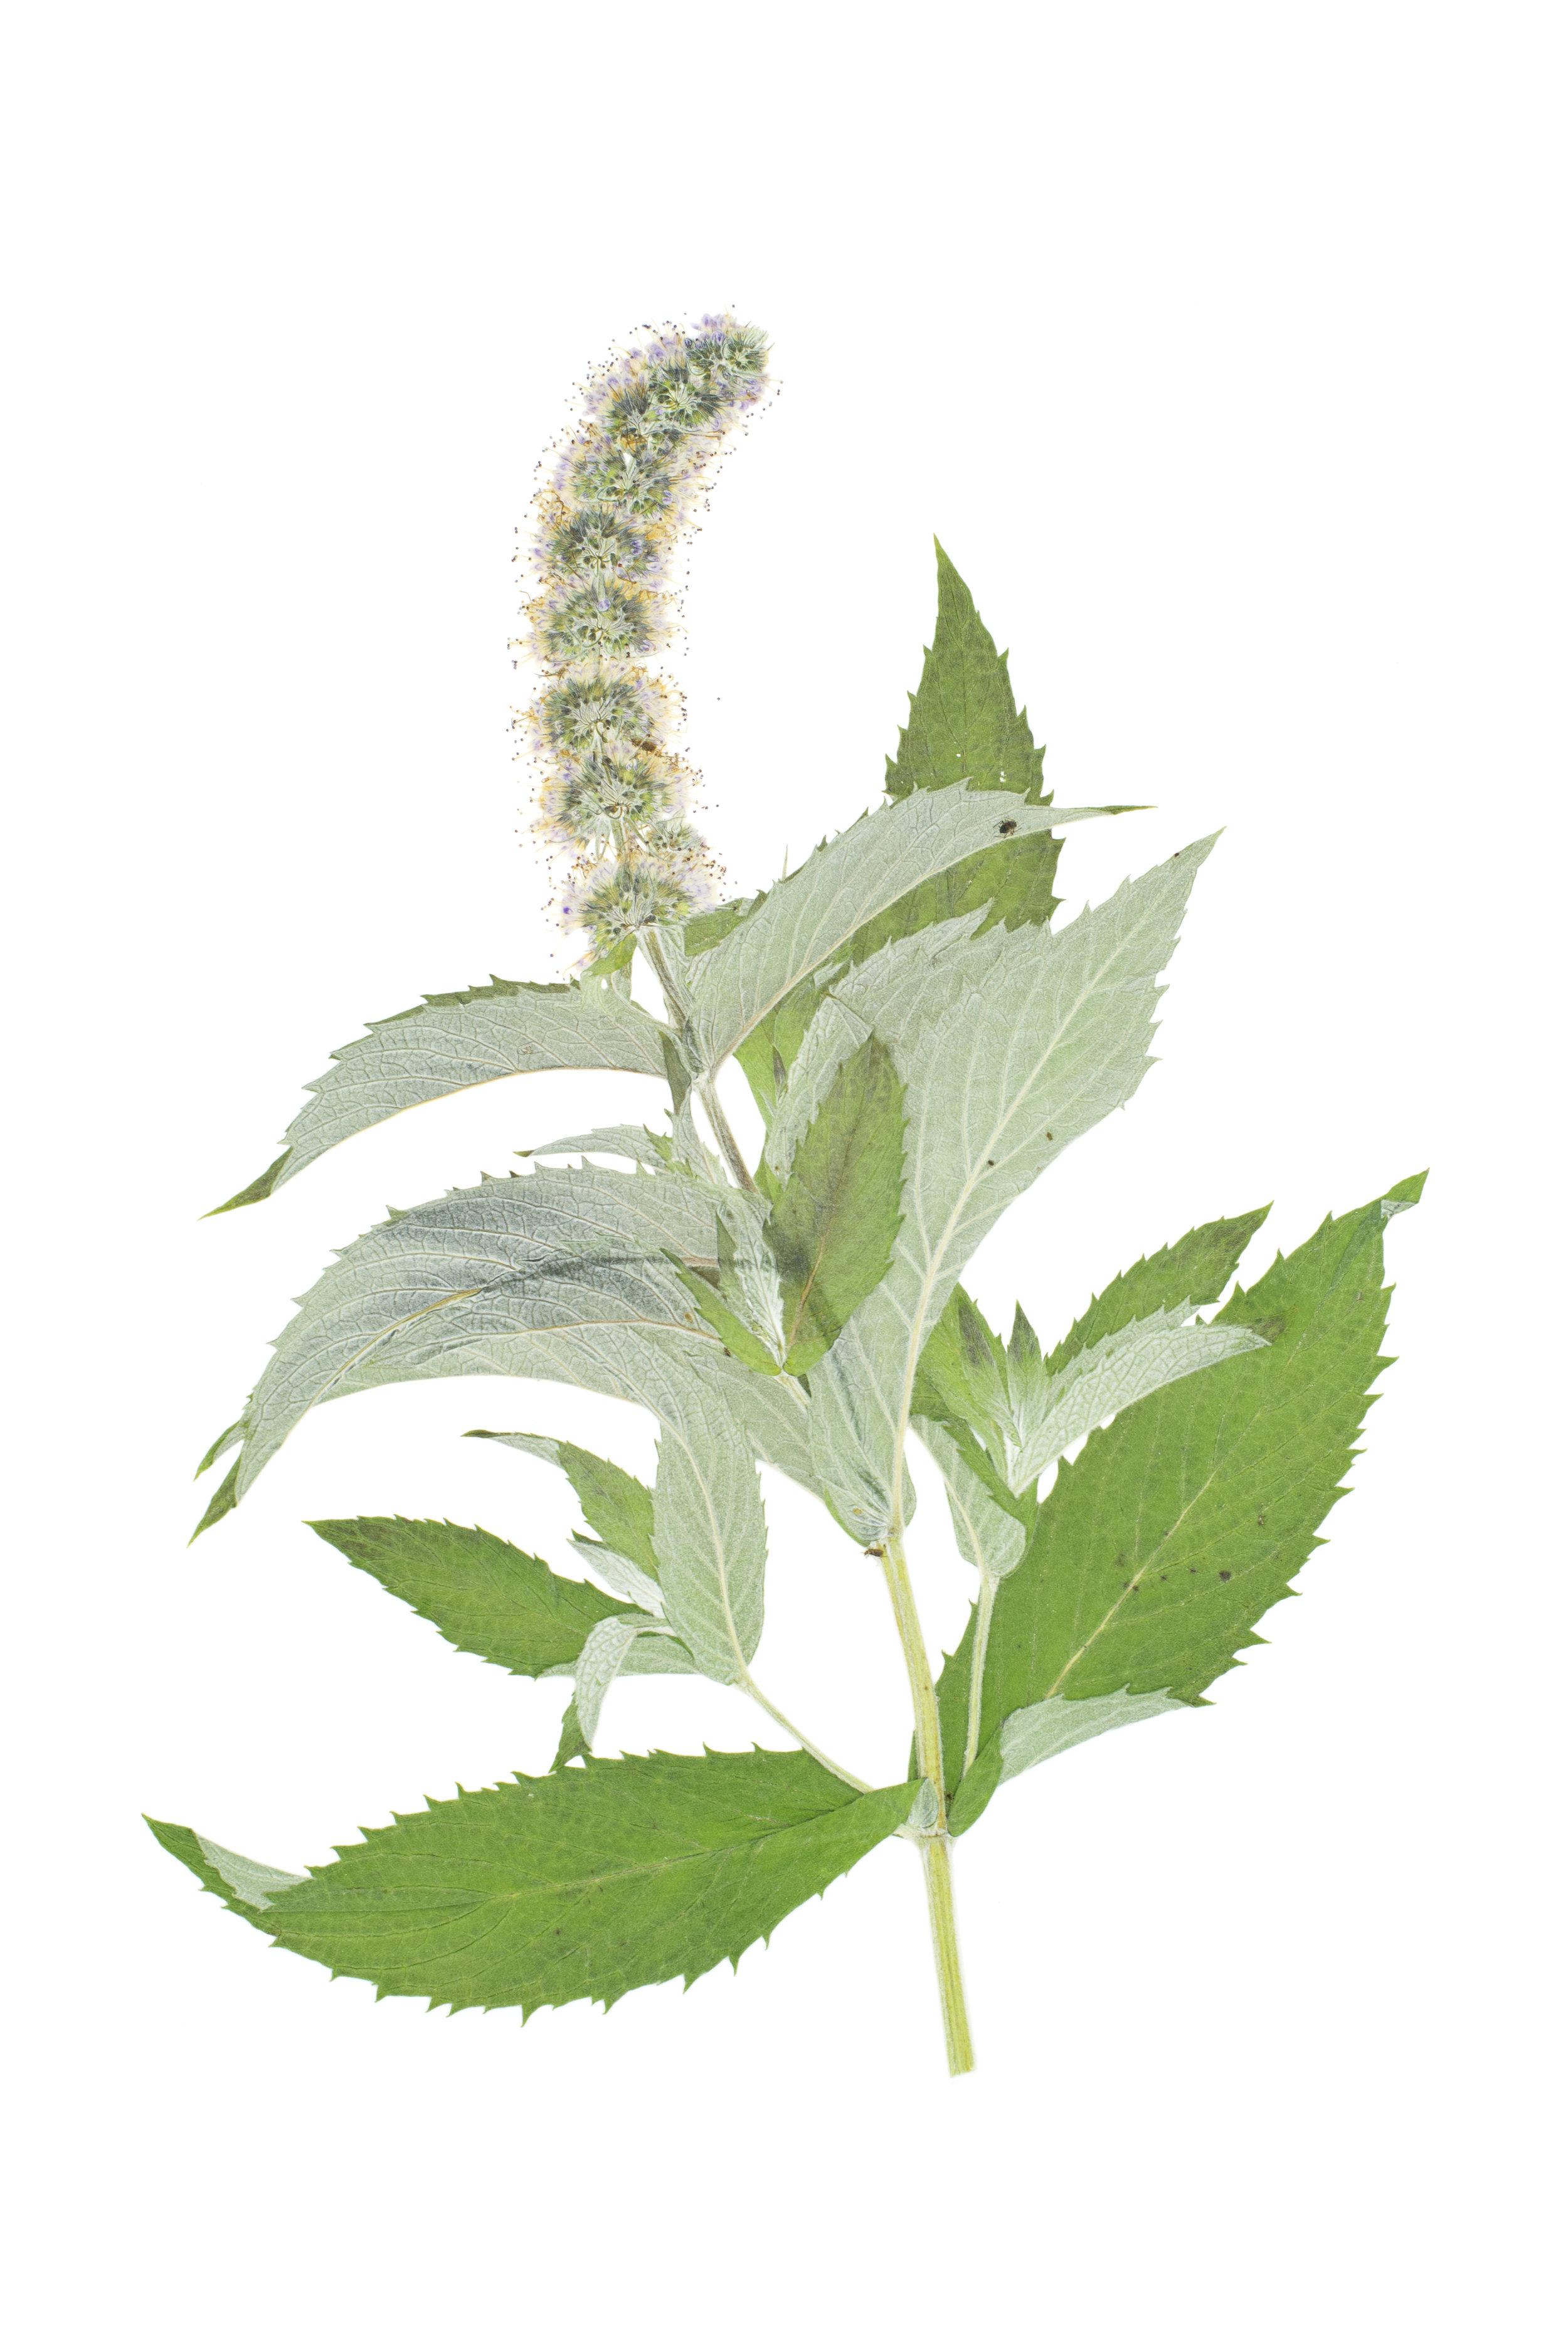 Horse Mint / Mentha longifolia